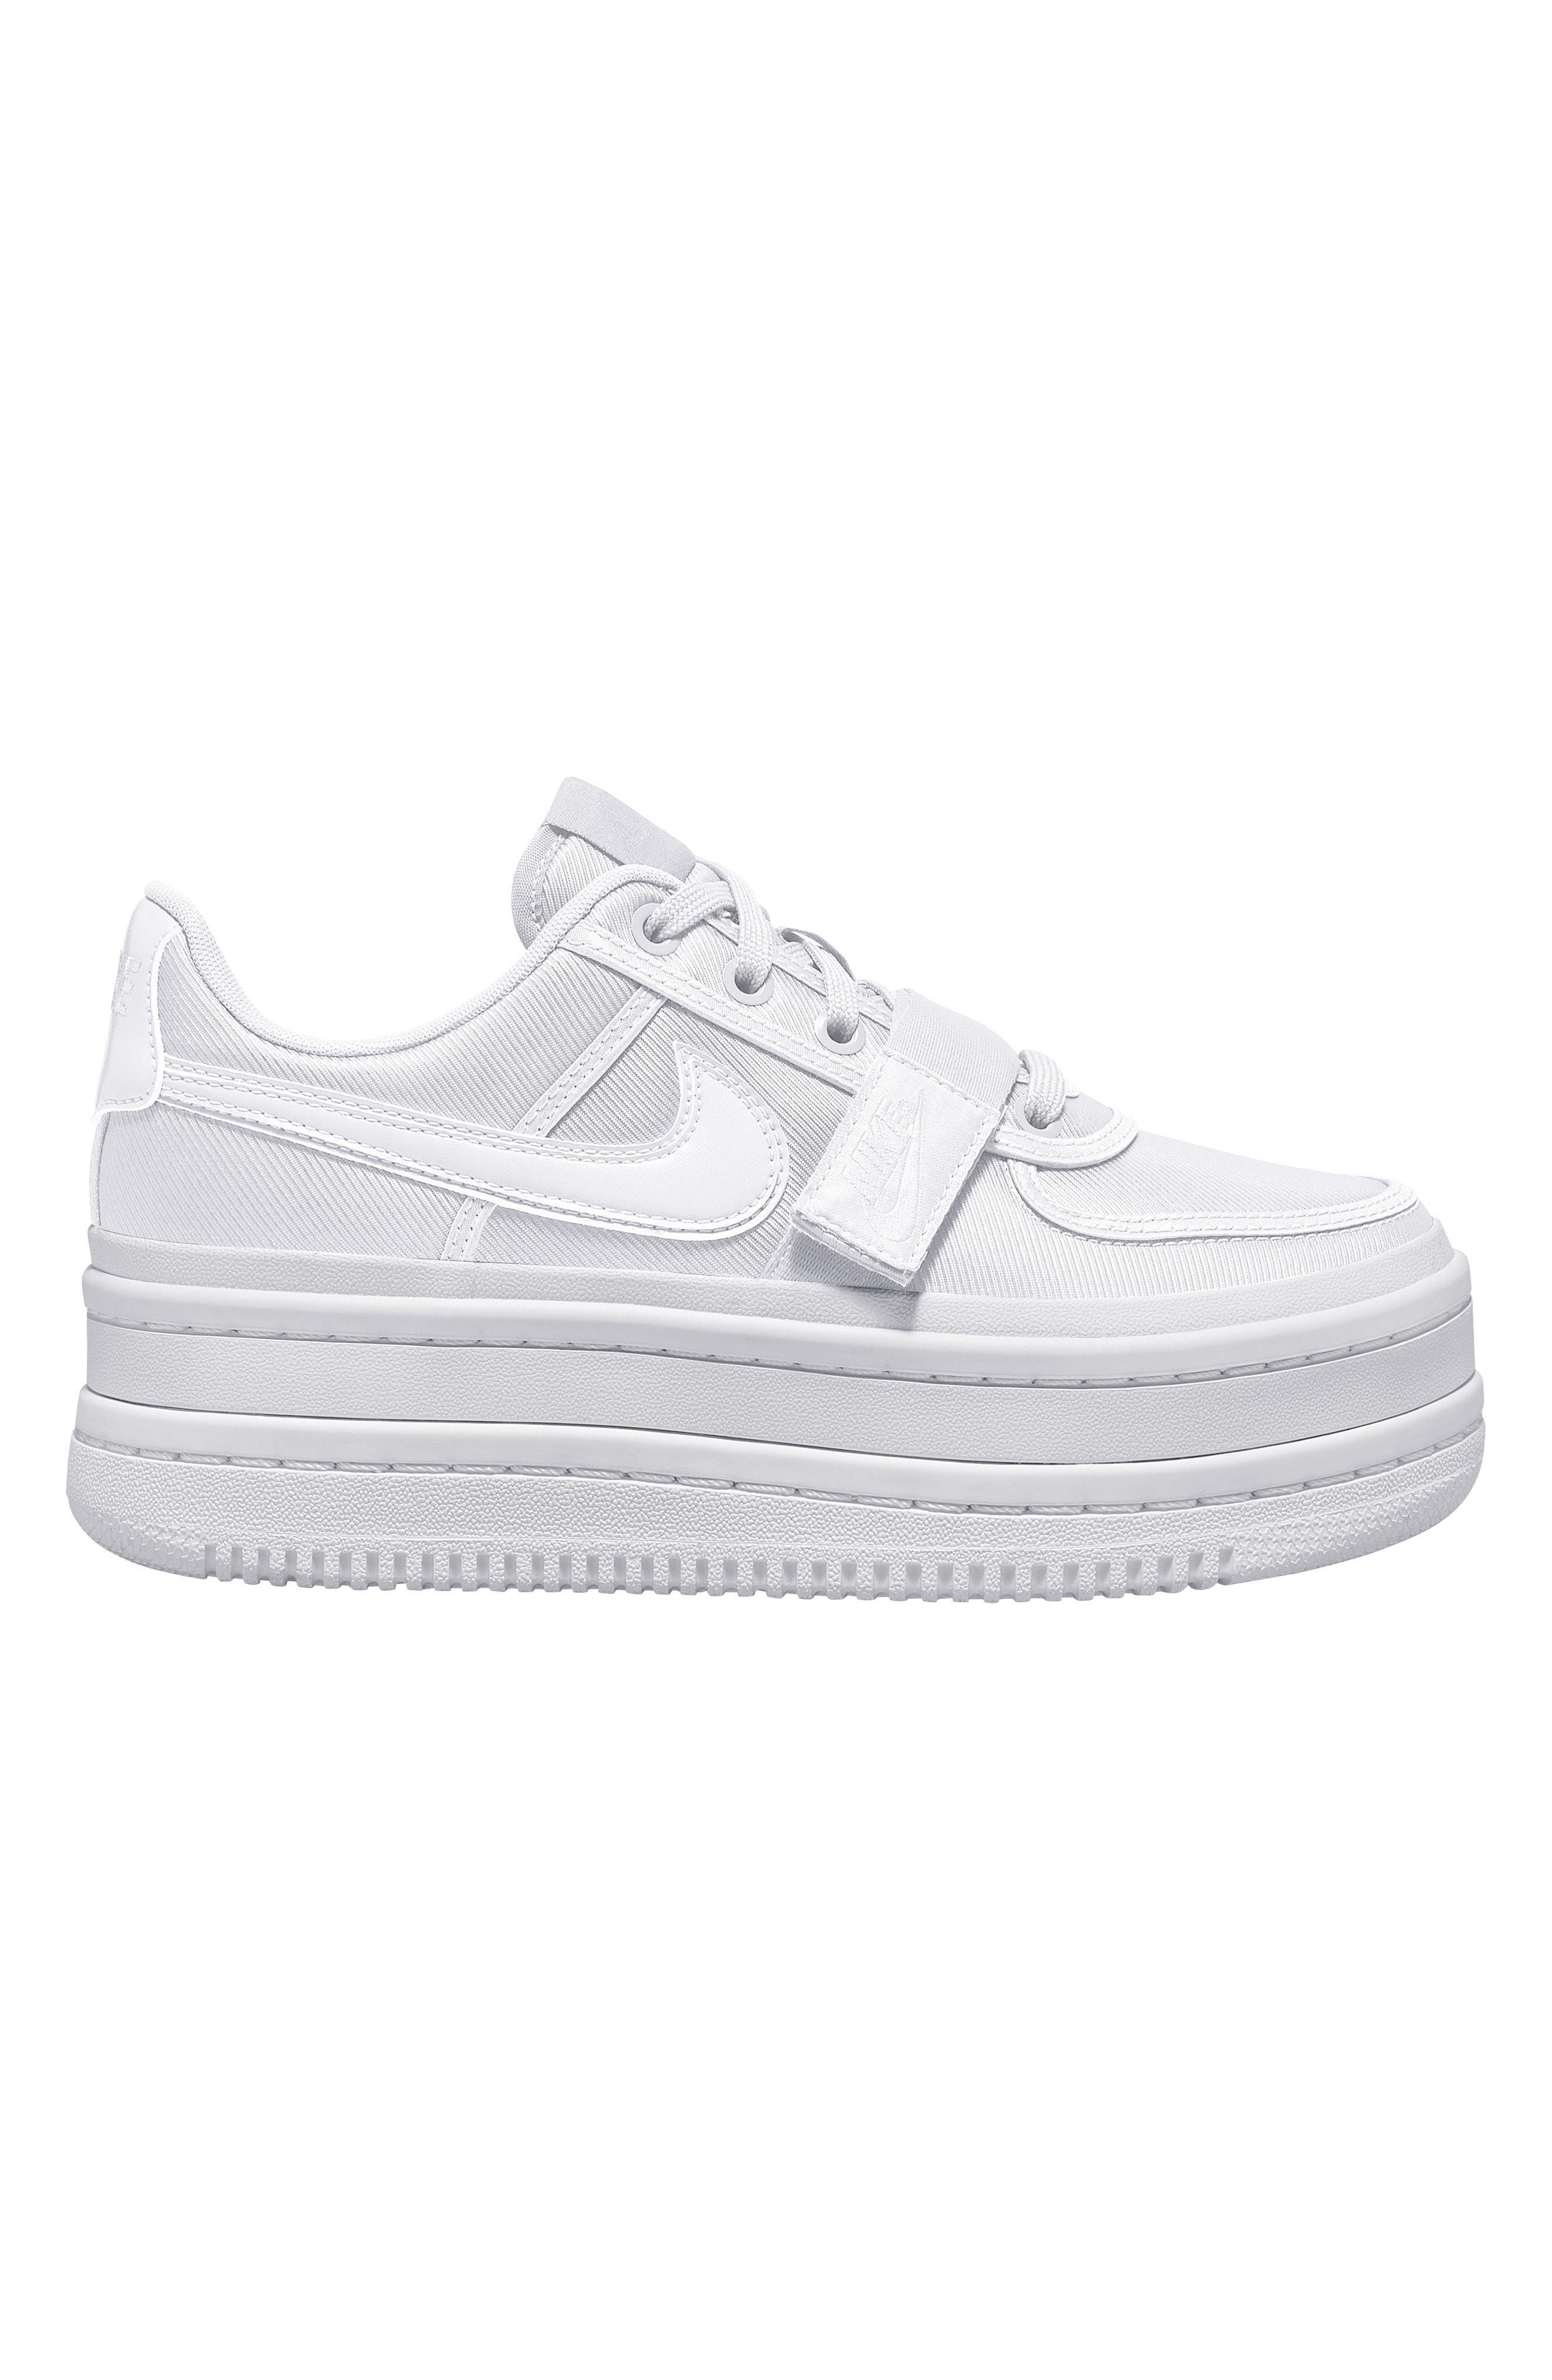 d421a33b0aa7 Lyst - Nike Vandal 2k Sneaker in White